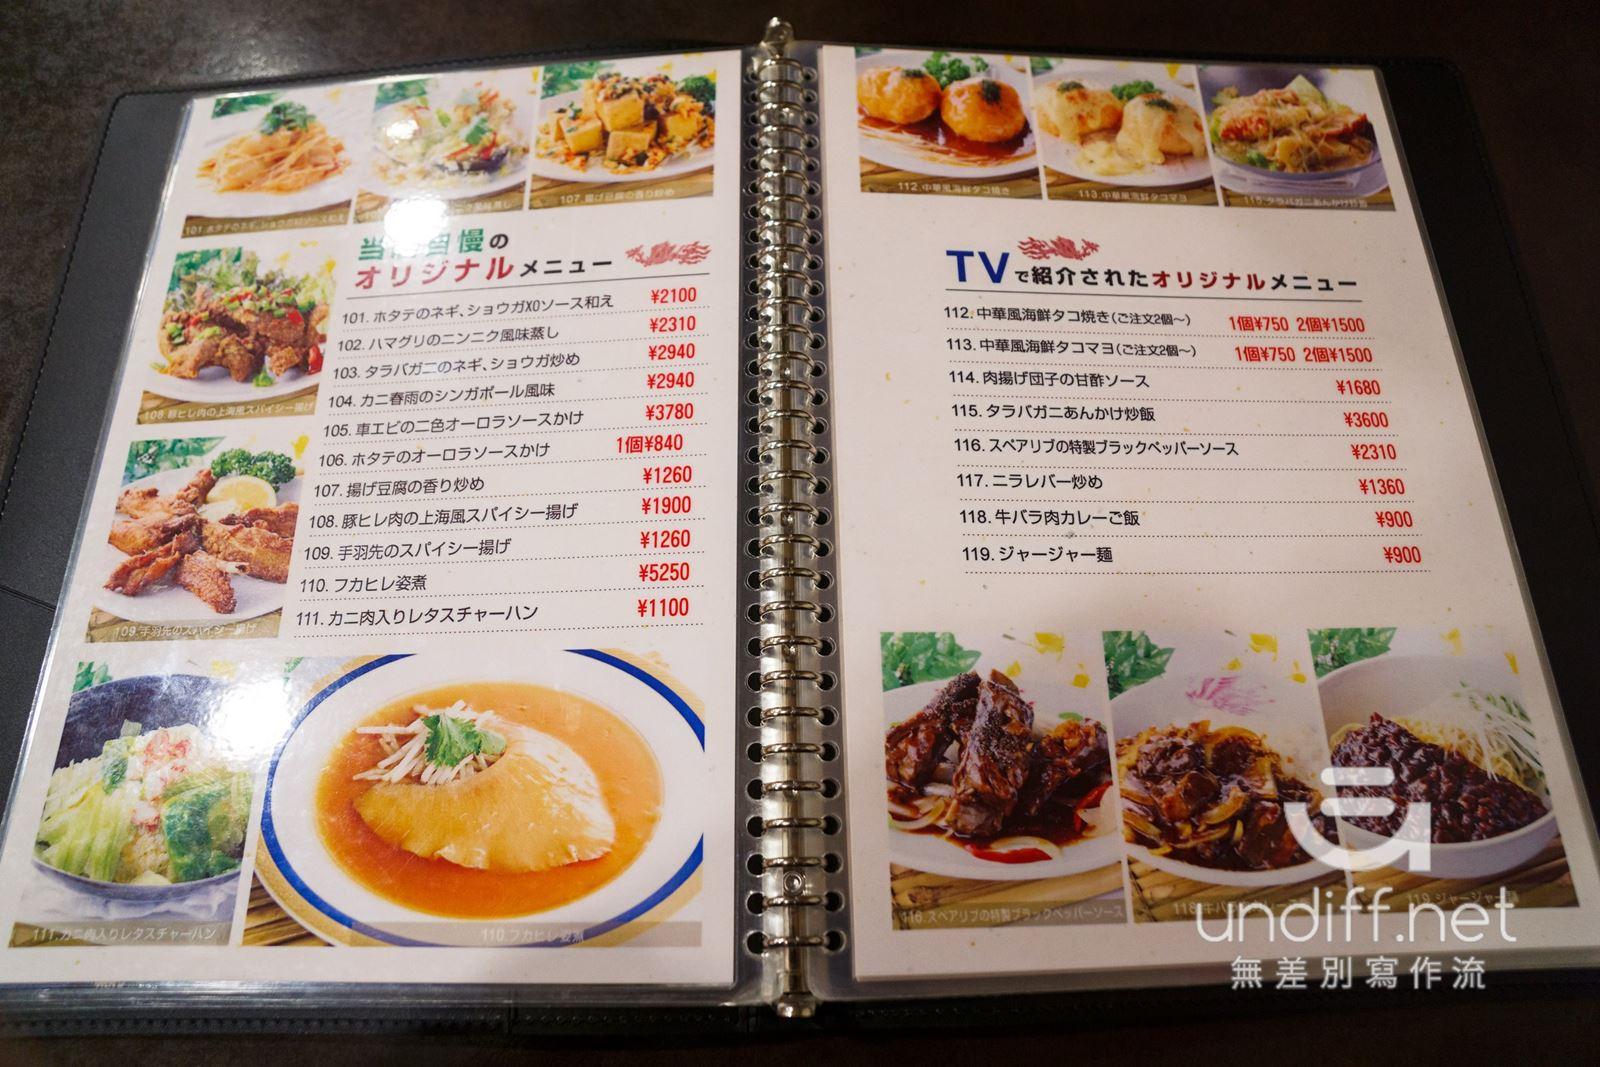 【橫濱美食】中華街 保昌 中國料理 》日本藝人、大胃女王推薦名店 14